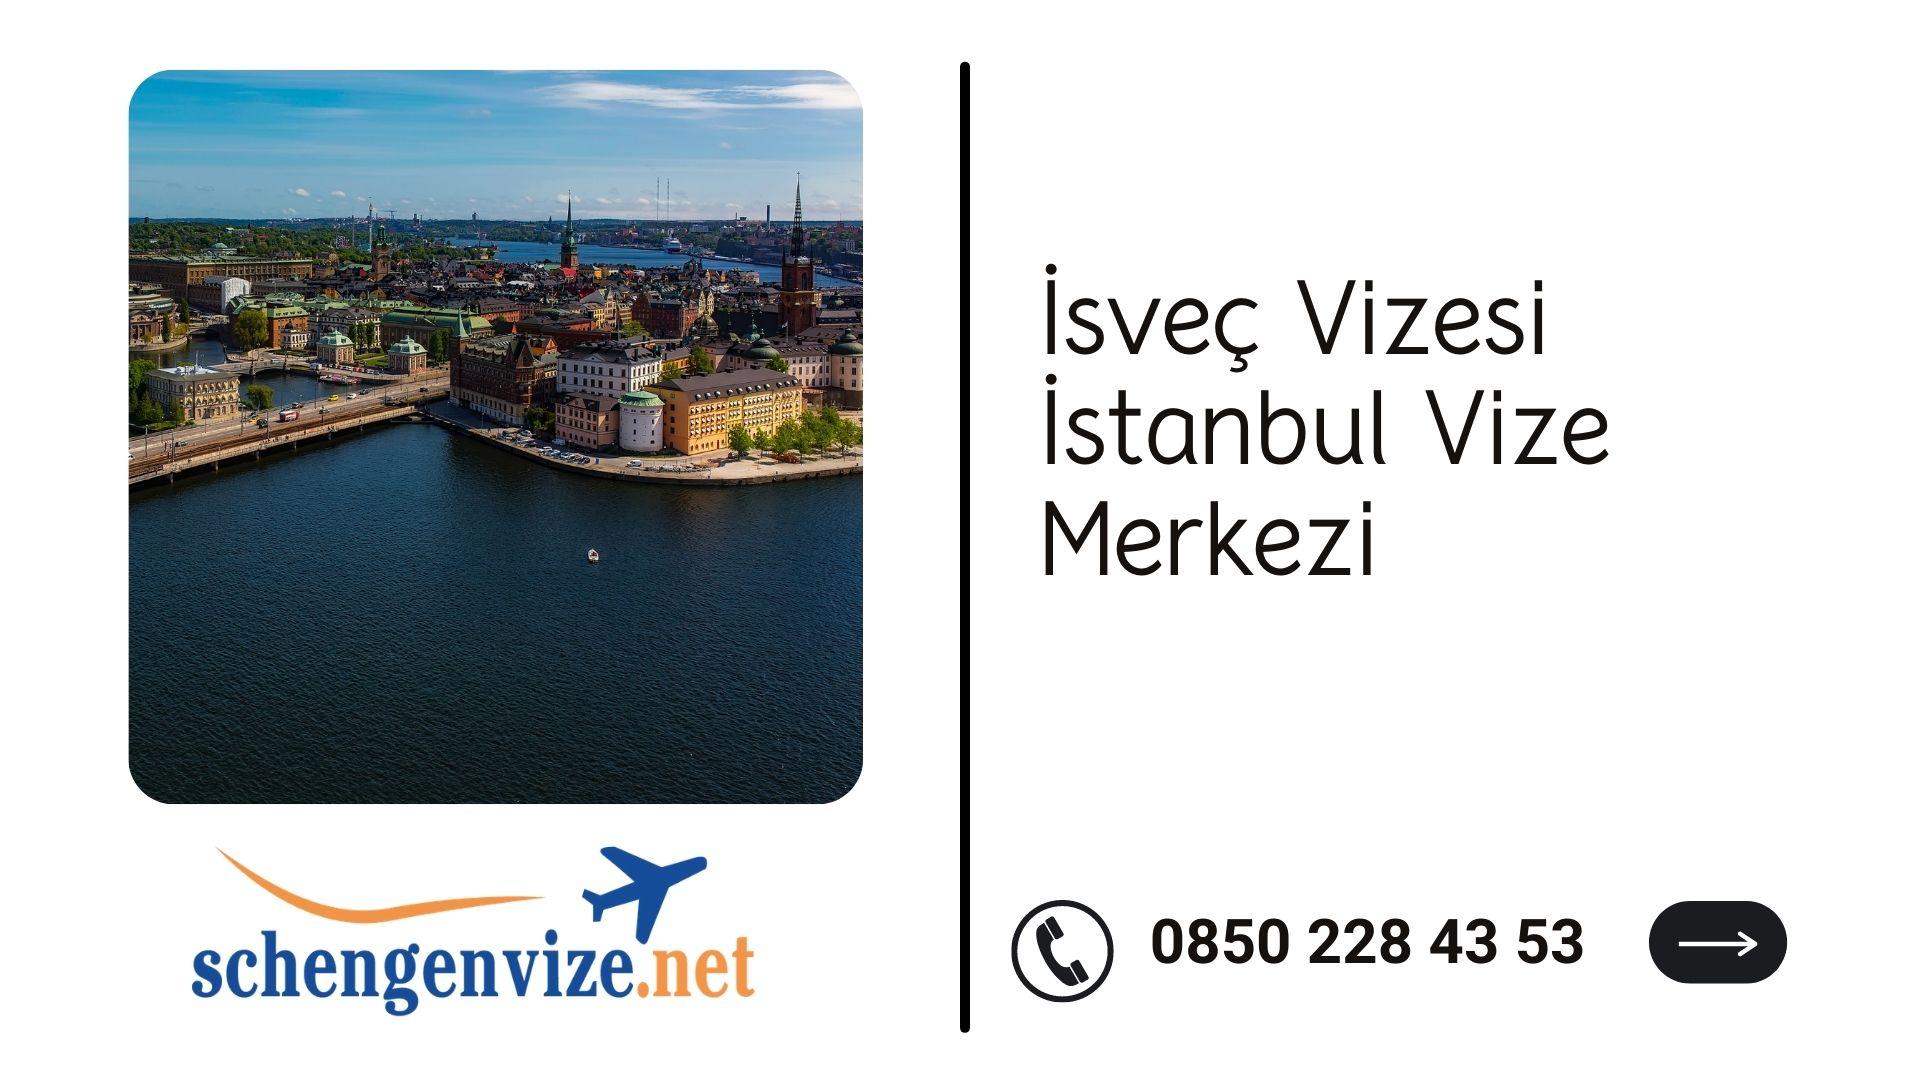 İsveç Vizesi İstanbul Vize Merkezi